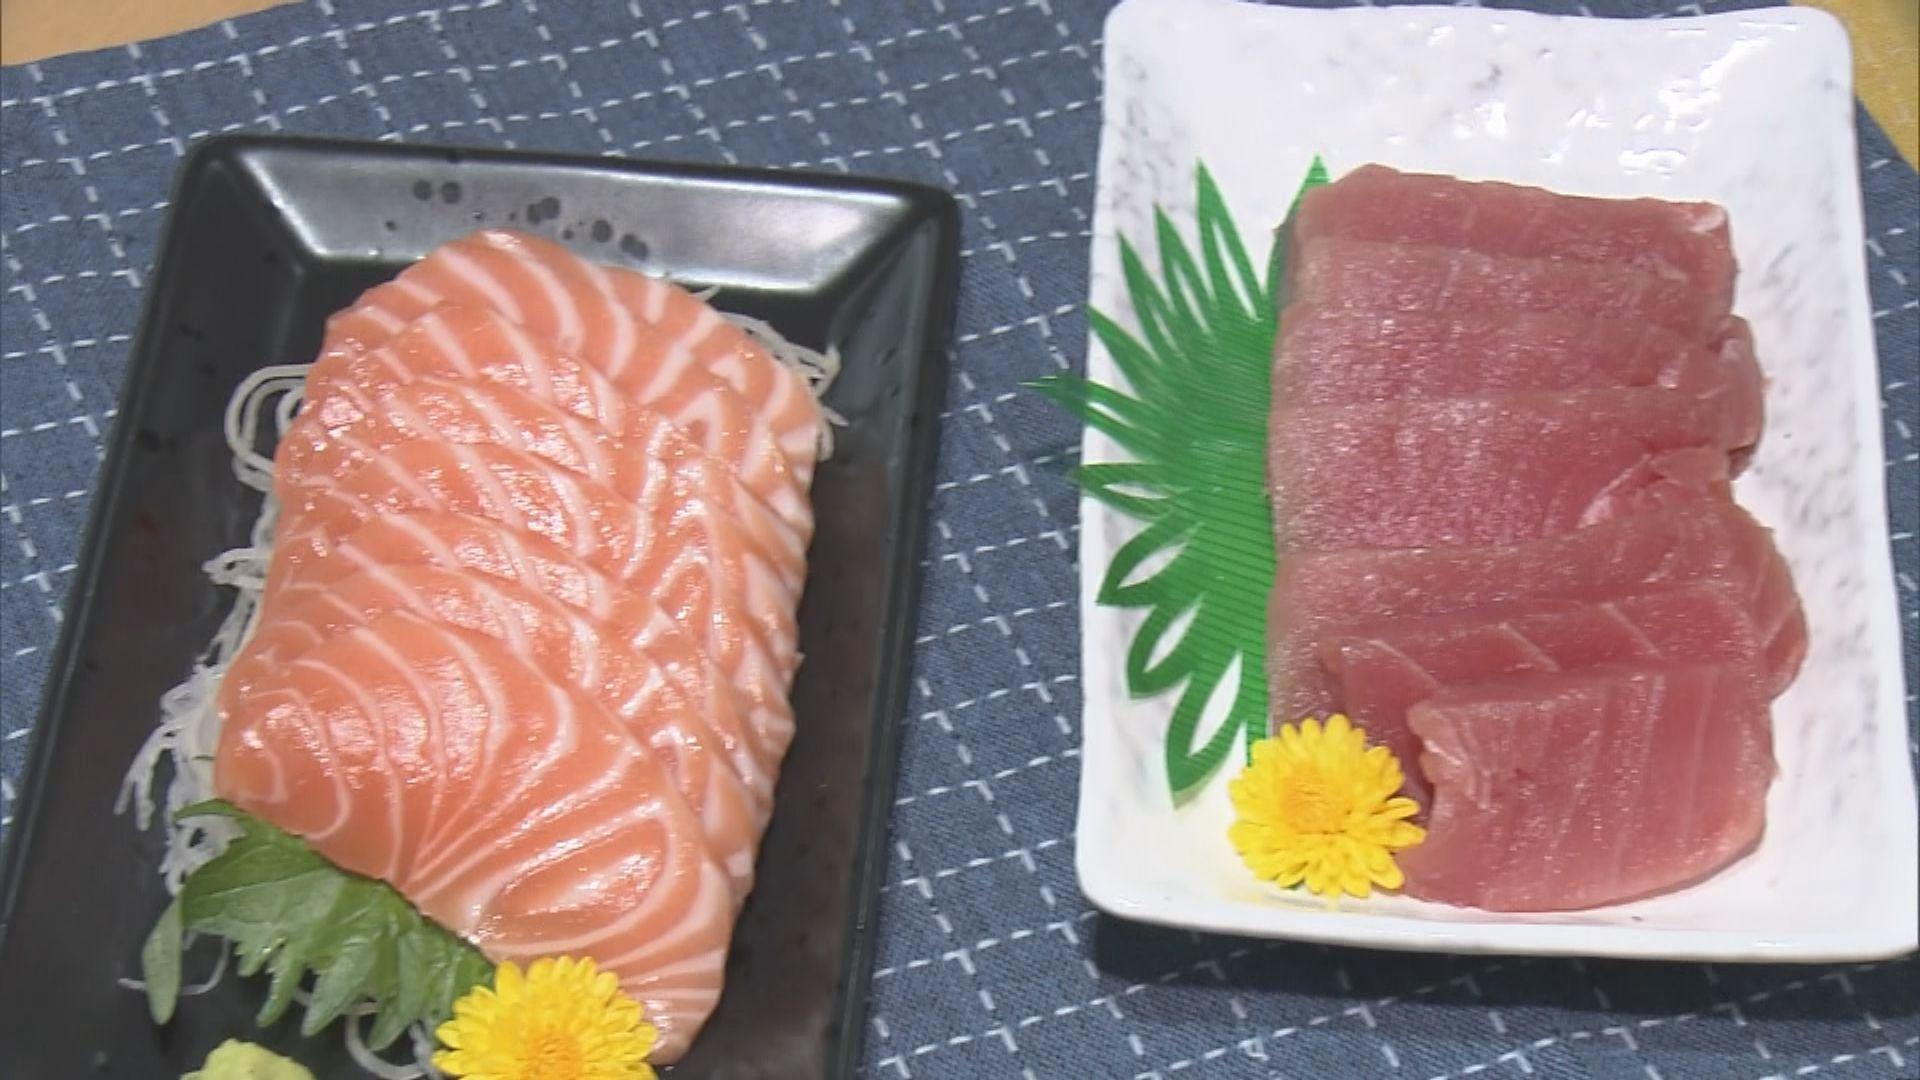 【消委會】部分三文魚和吞拿魚刺身分別重金屬超標及含寄生蟲